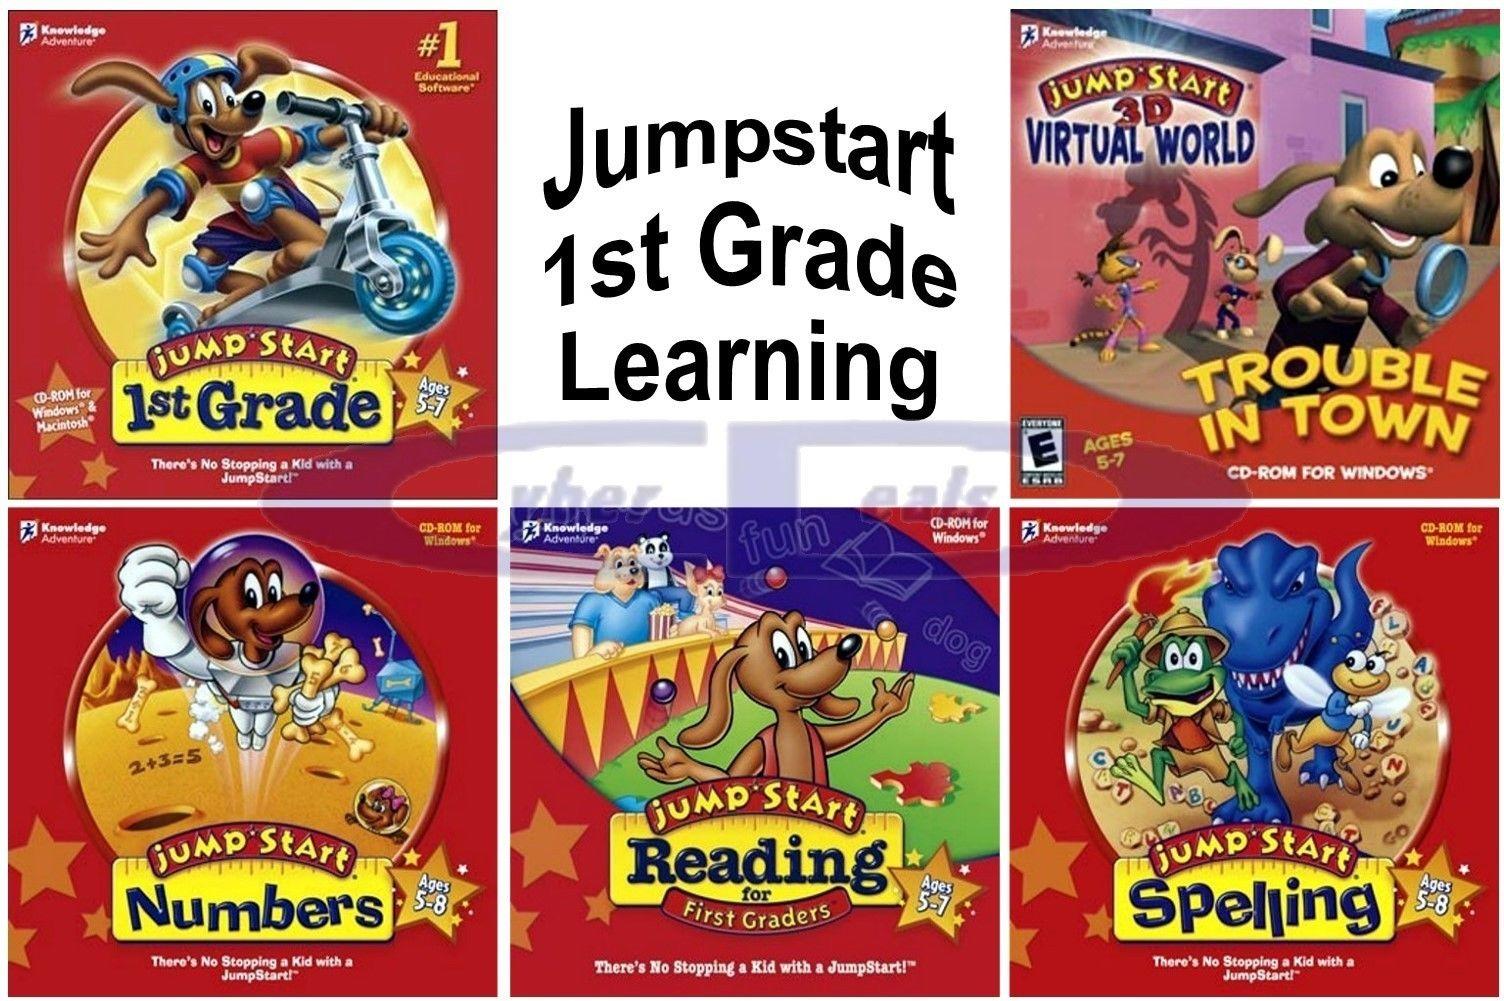 Jumpstart 1st Grade Learning Age 5 Cyber Deals On Ebay